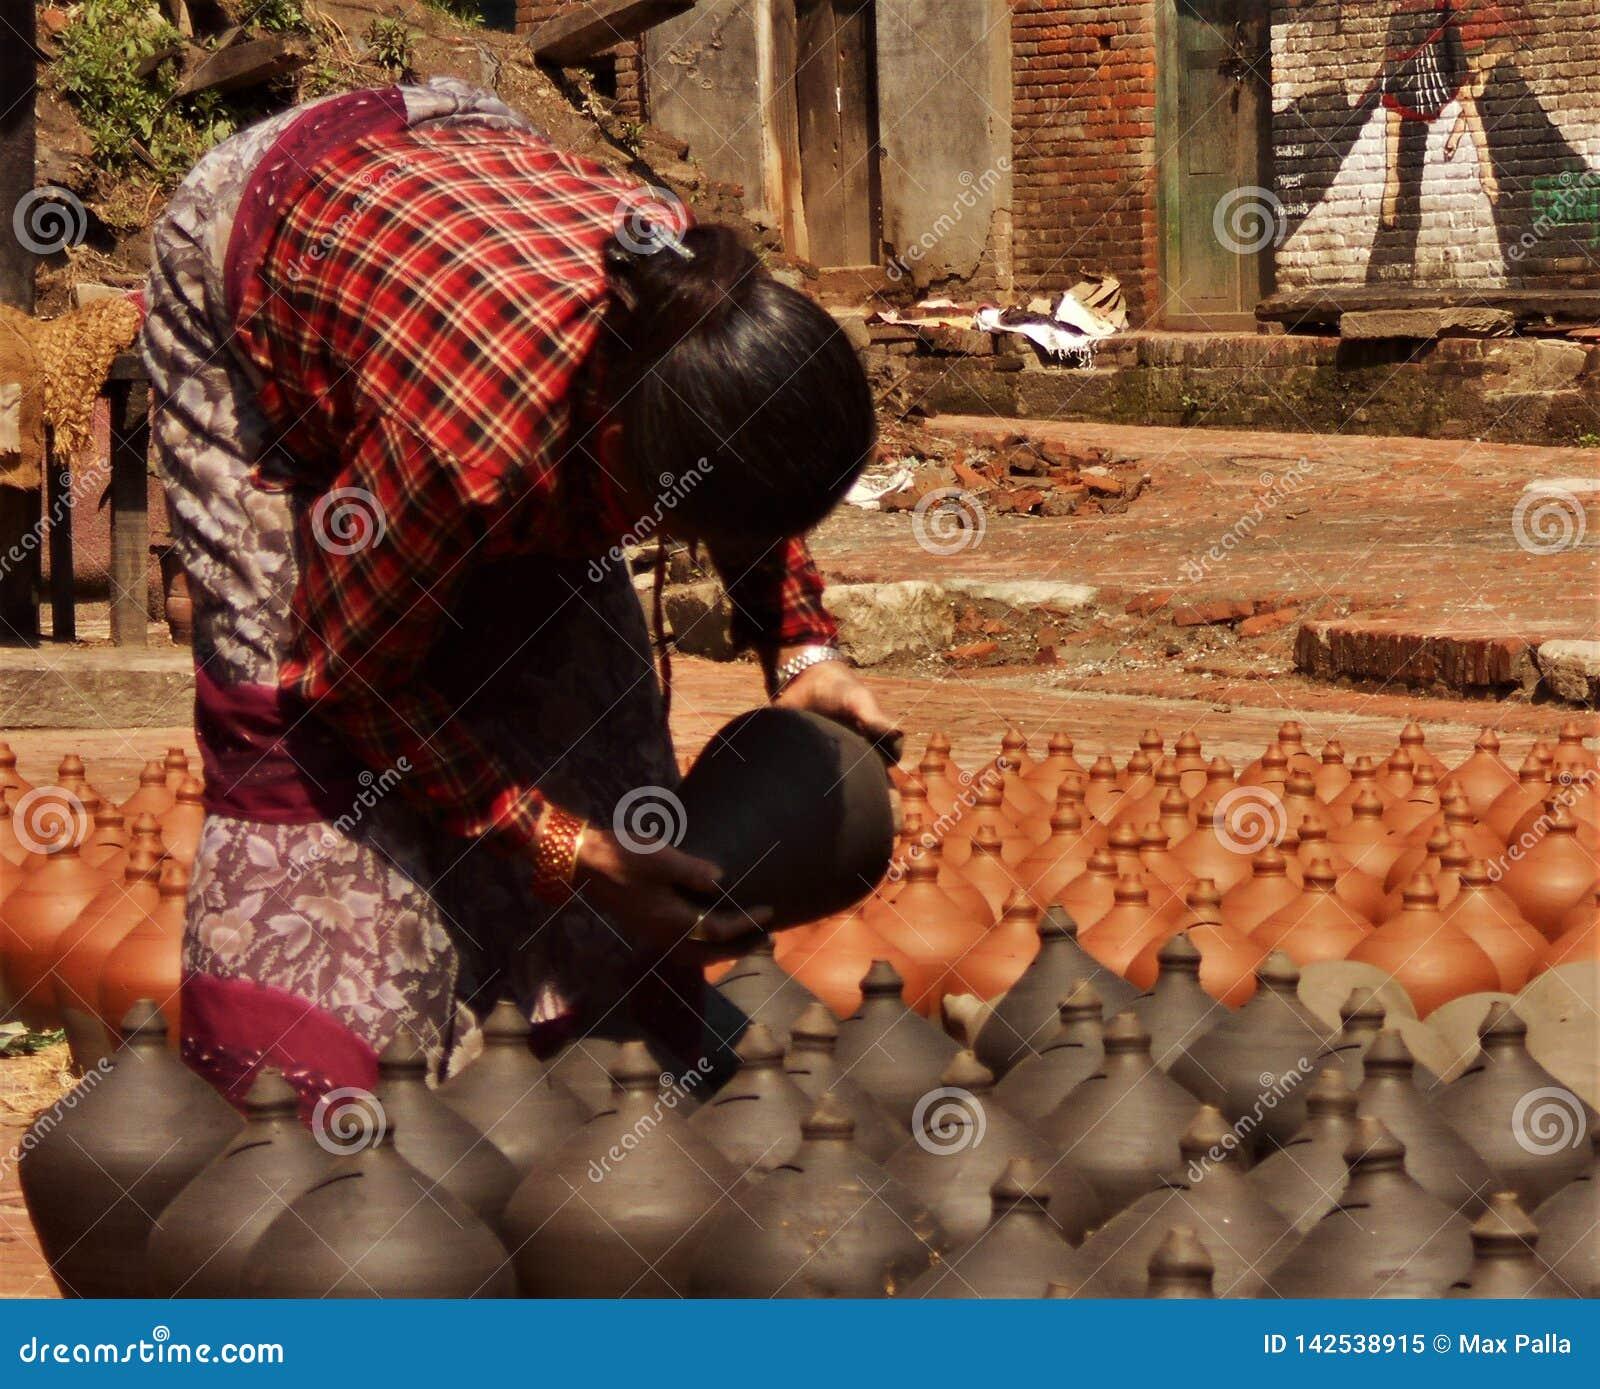 Οι νεπαλικοί λαοί διαμορφώνουν και στεγνώνουν τα δοχεία κεραμικής στο τετράγωνο αγγειοπλαστικής